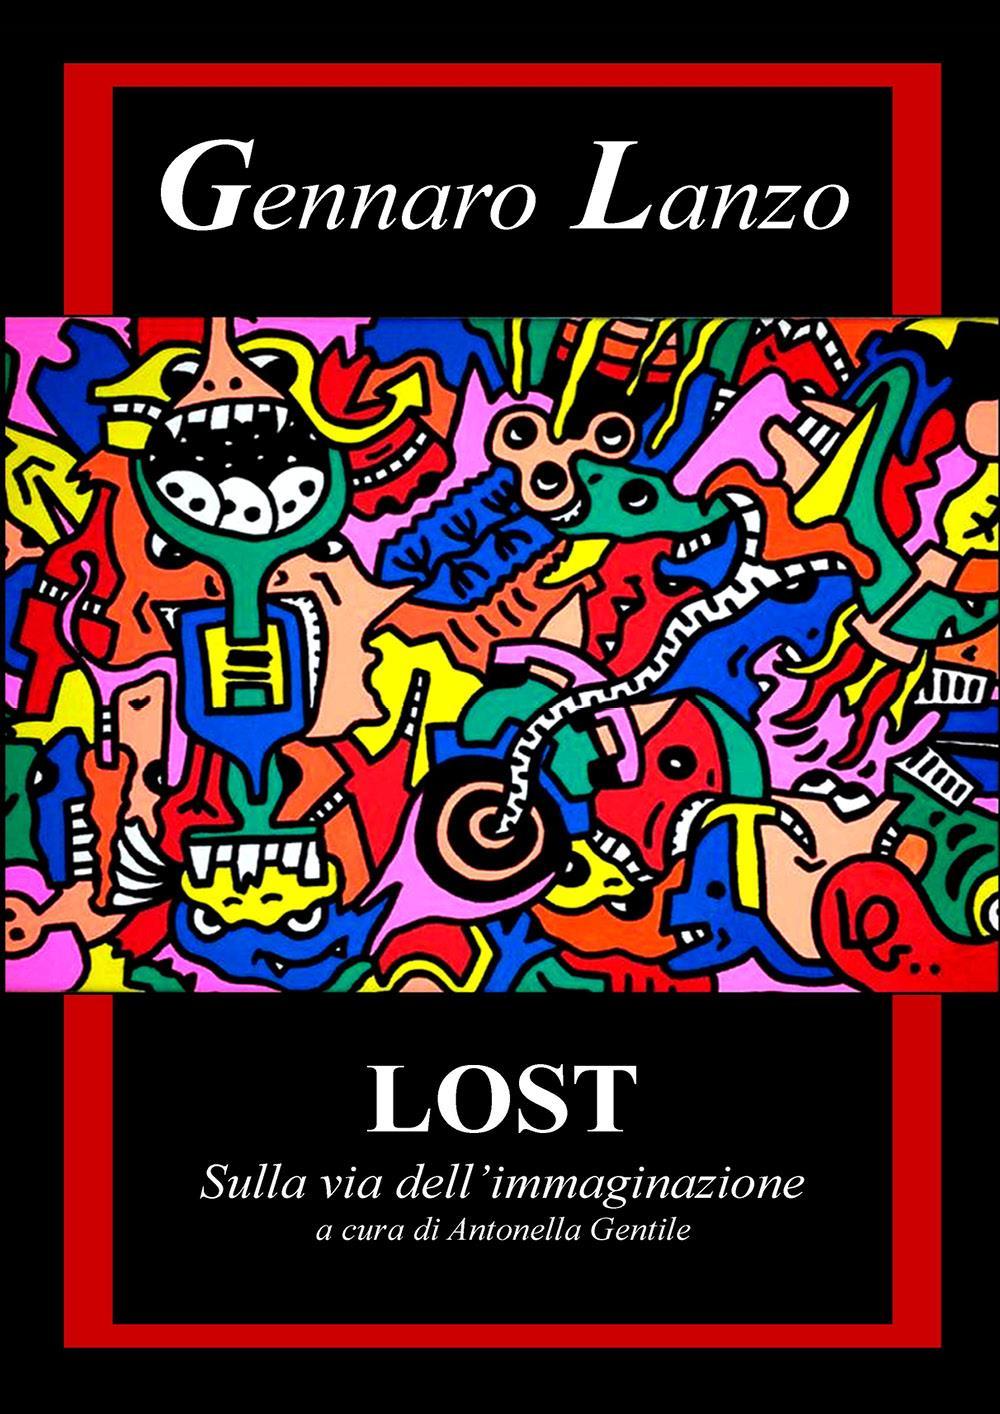 Lost - Sulla via dell'immaginazione